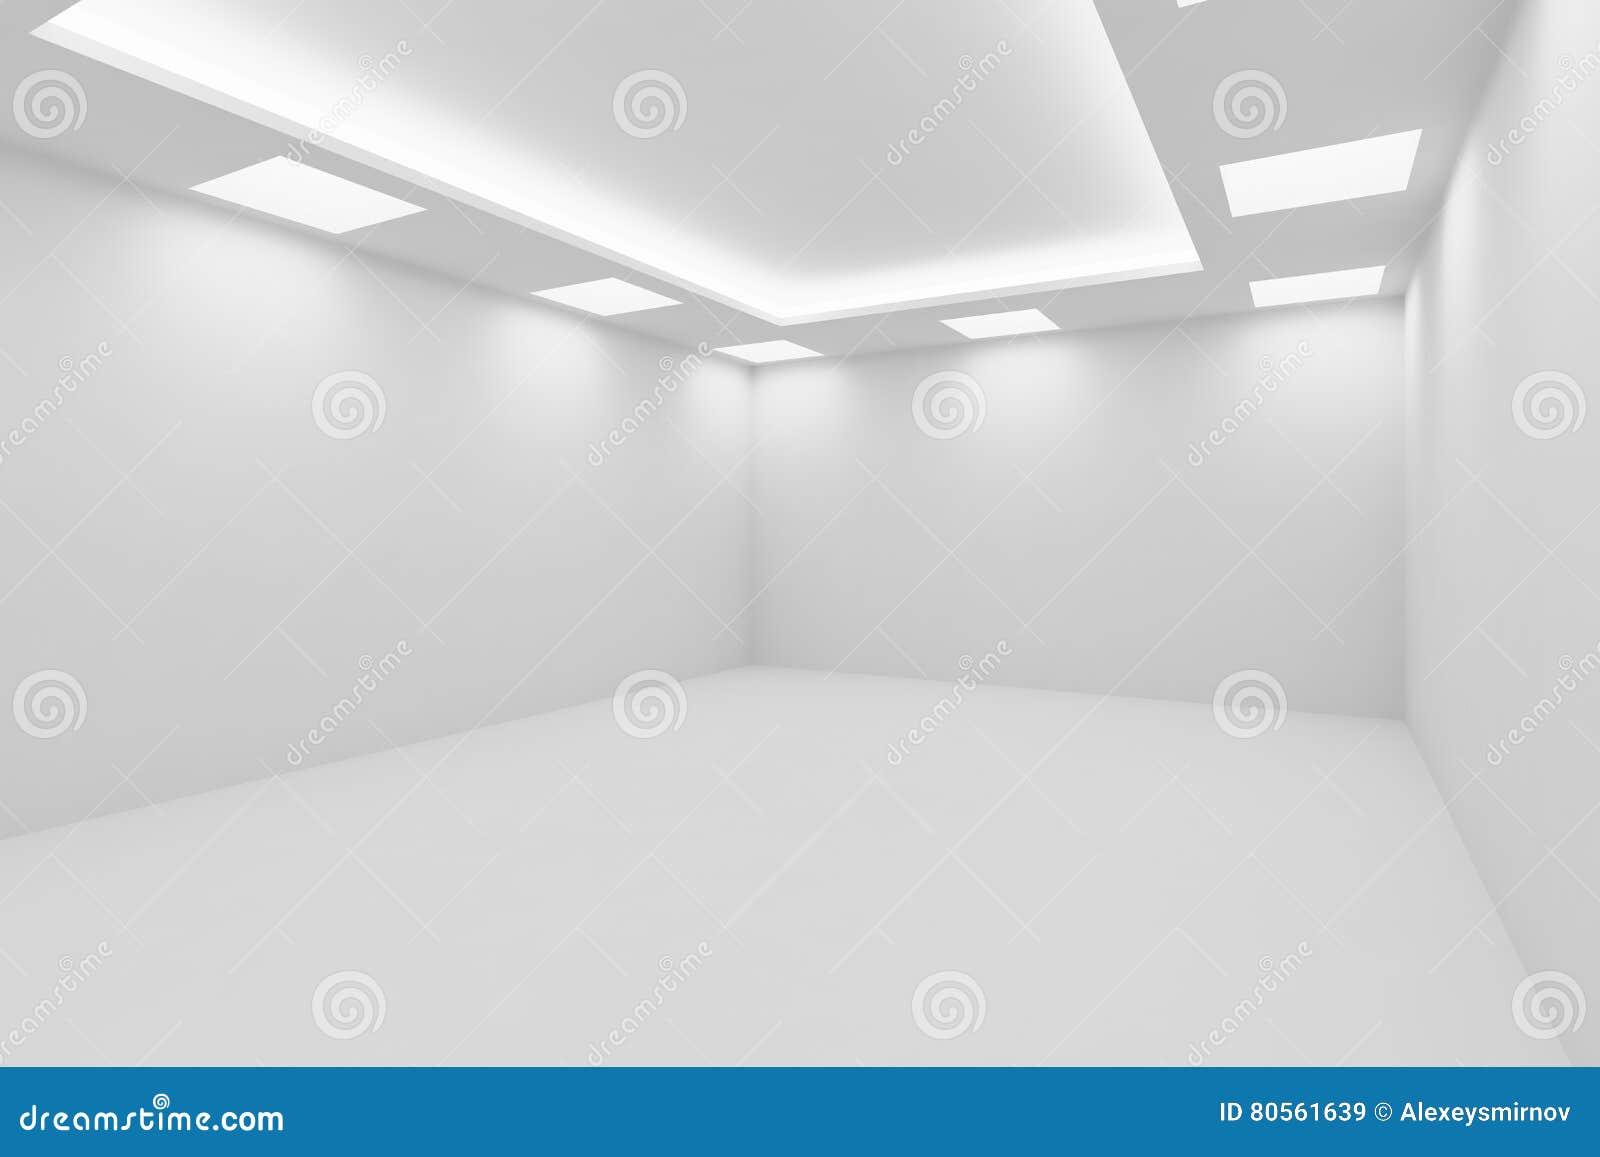 Plafoniere Quadrata : Svuoti la stanza bianca con vista quadrata delle plafoniere dall